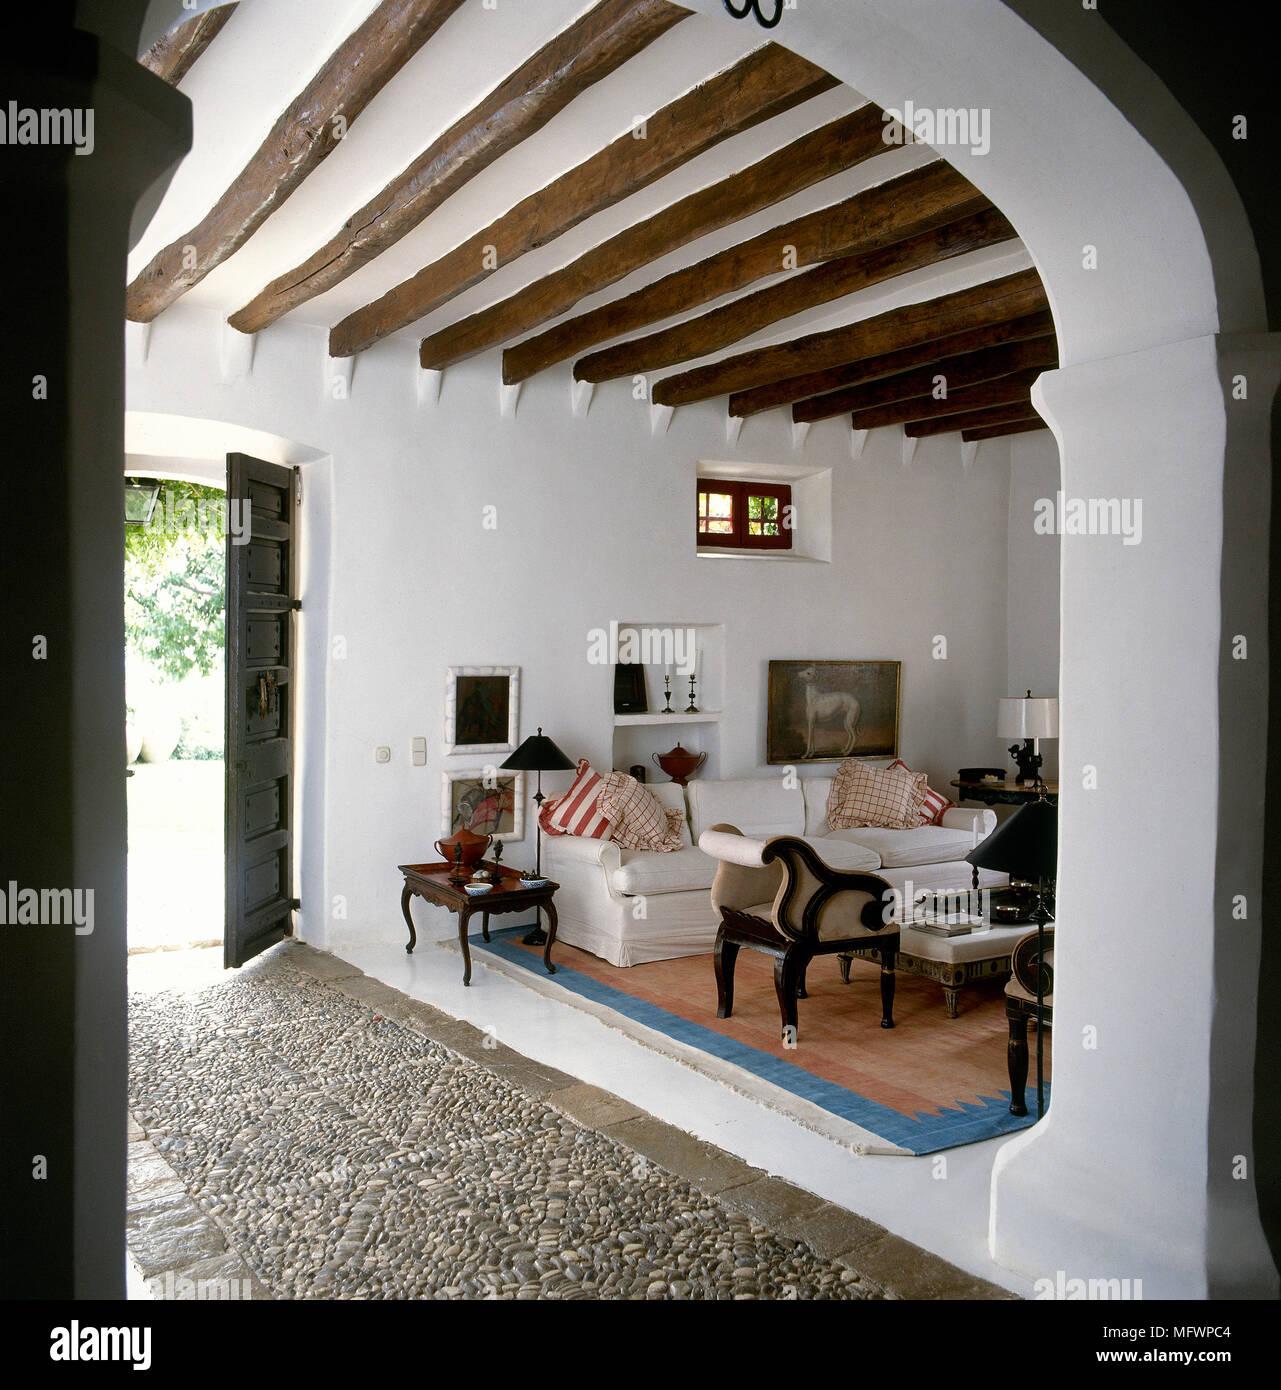 Land Stil Weiß Wohnzimmer Mit Holzbalkendecke Durch Torbogen Gesehen.